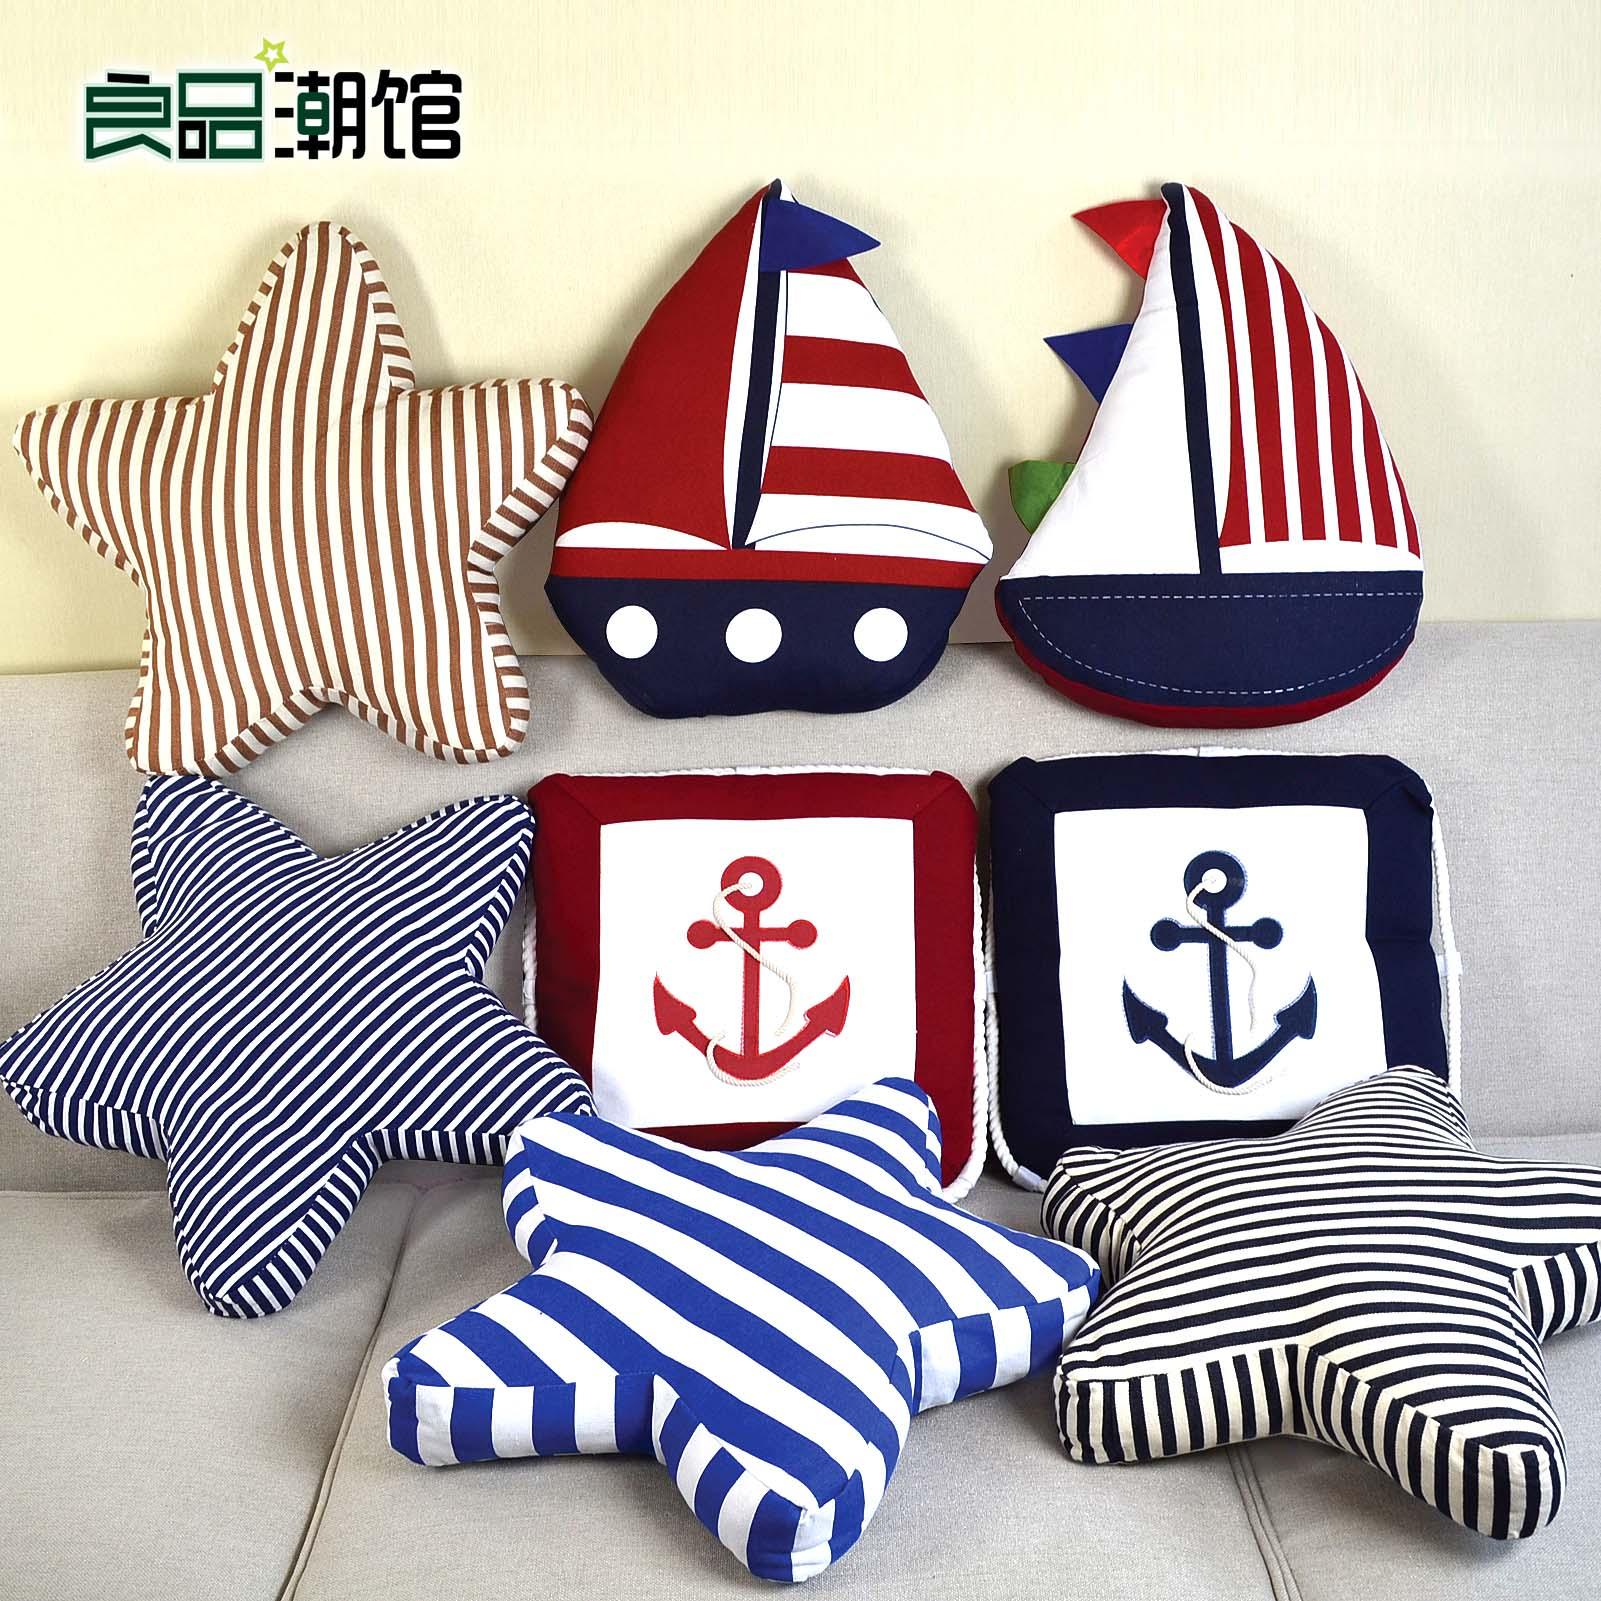 美式地中海海洋风格客厅沙发装饰抱枕飘窗汽车靠垫靠包床头靠含芯